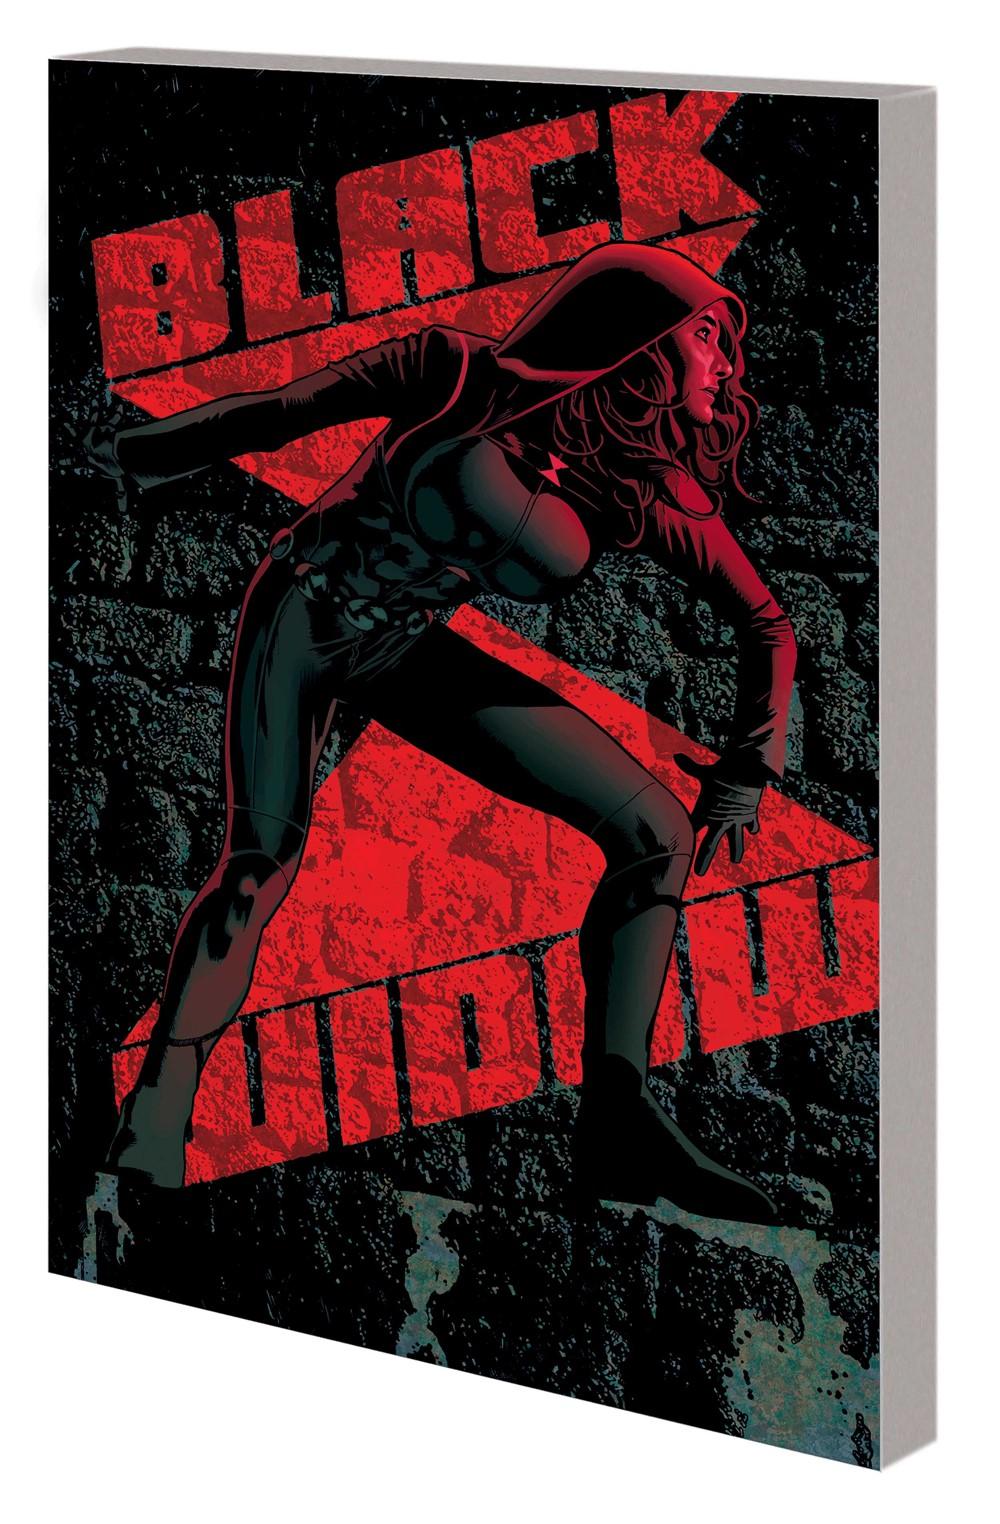 BLACK_WIDOW_VOL_2_TPB Marvel Comics September 2021 Solicitations